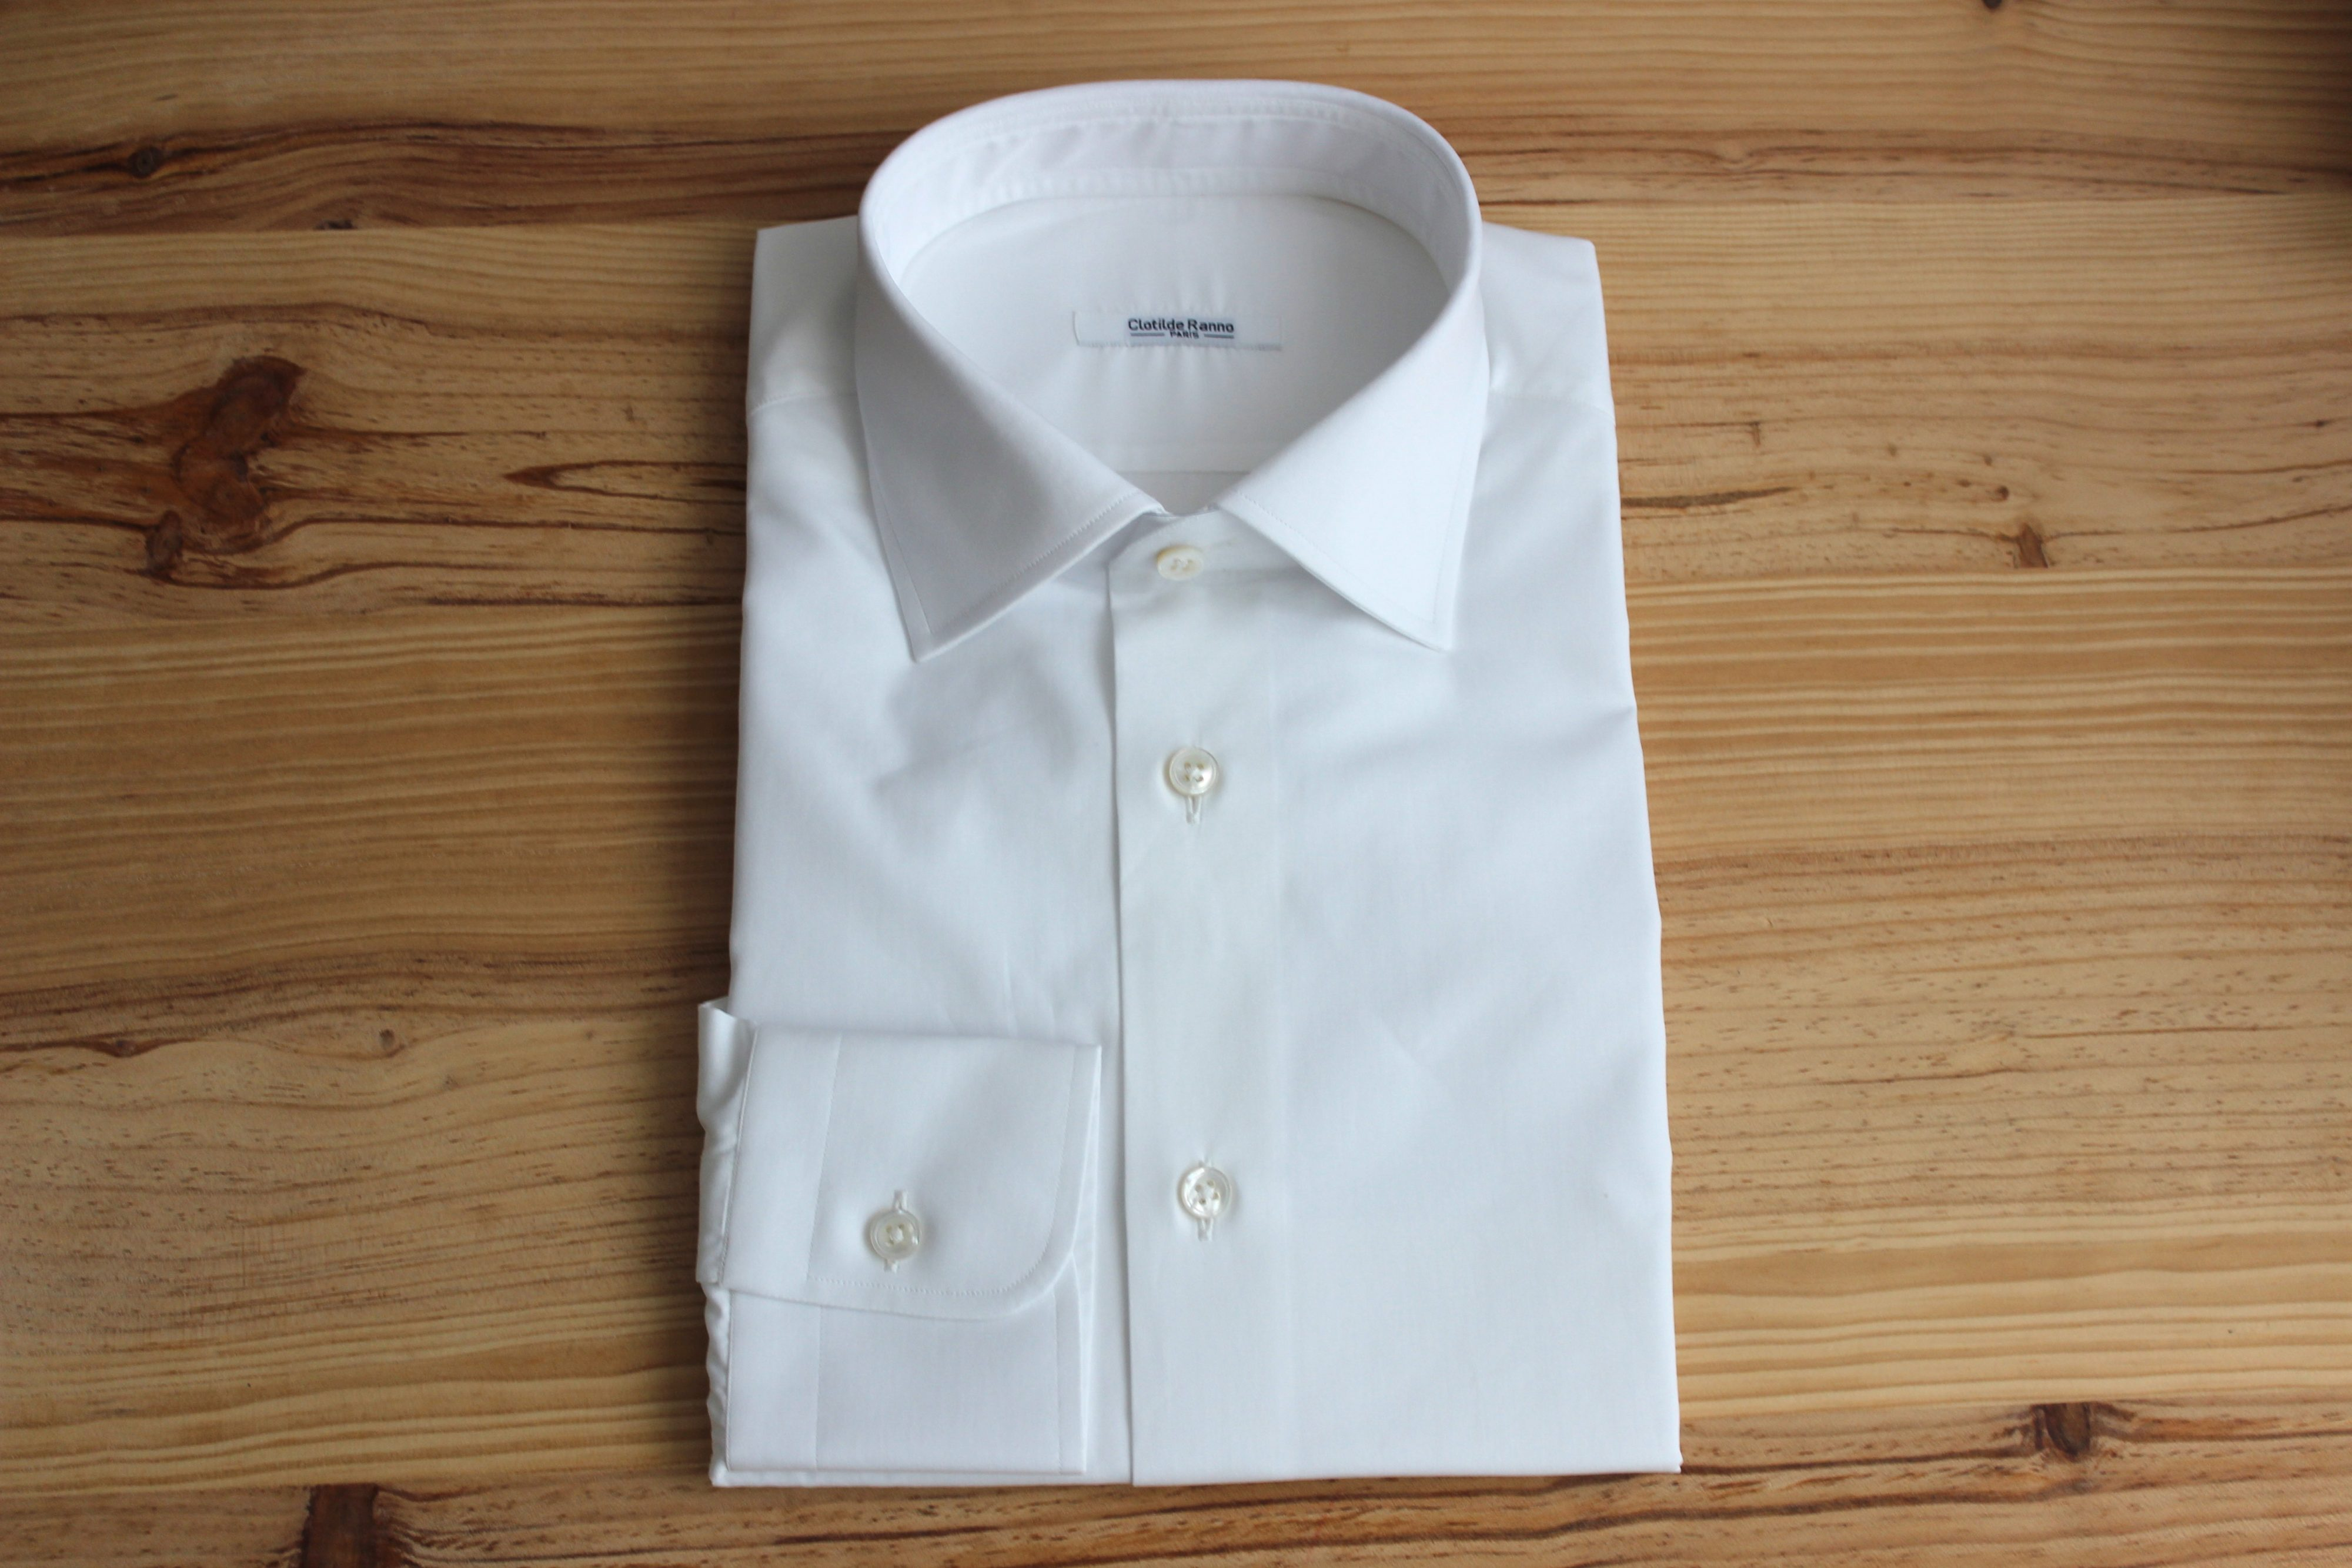 chemise sans repassage sur mesure blanche , chemise sans repassage , chemise blanche